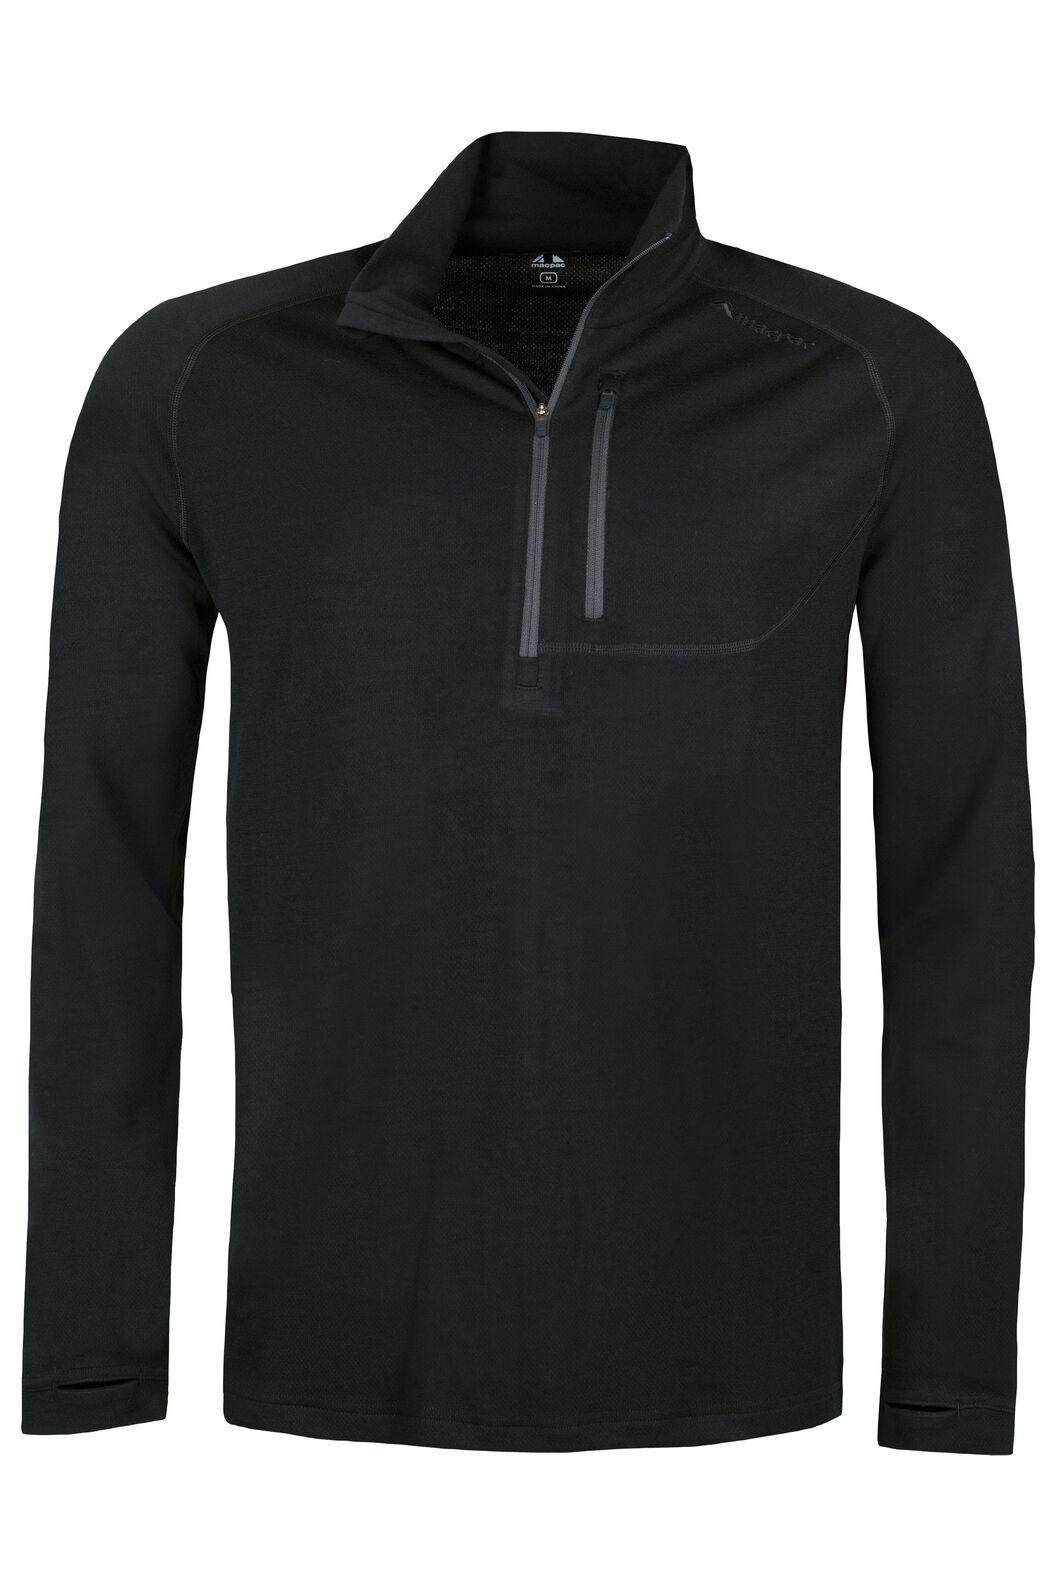 Nikau 230 Merino Pullover - Men's, Black, hi-res